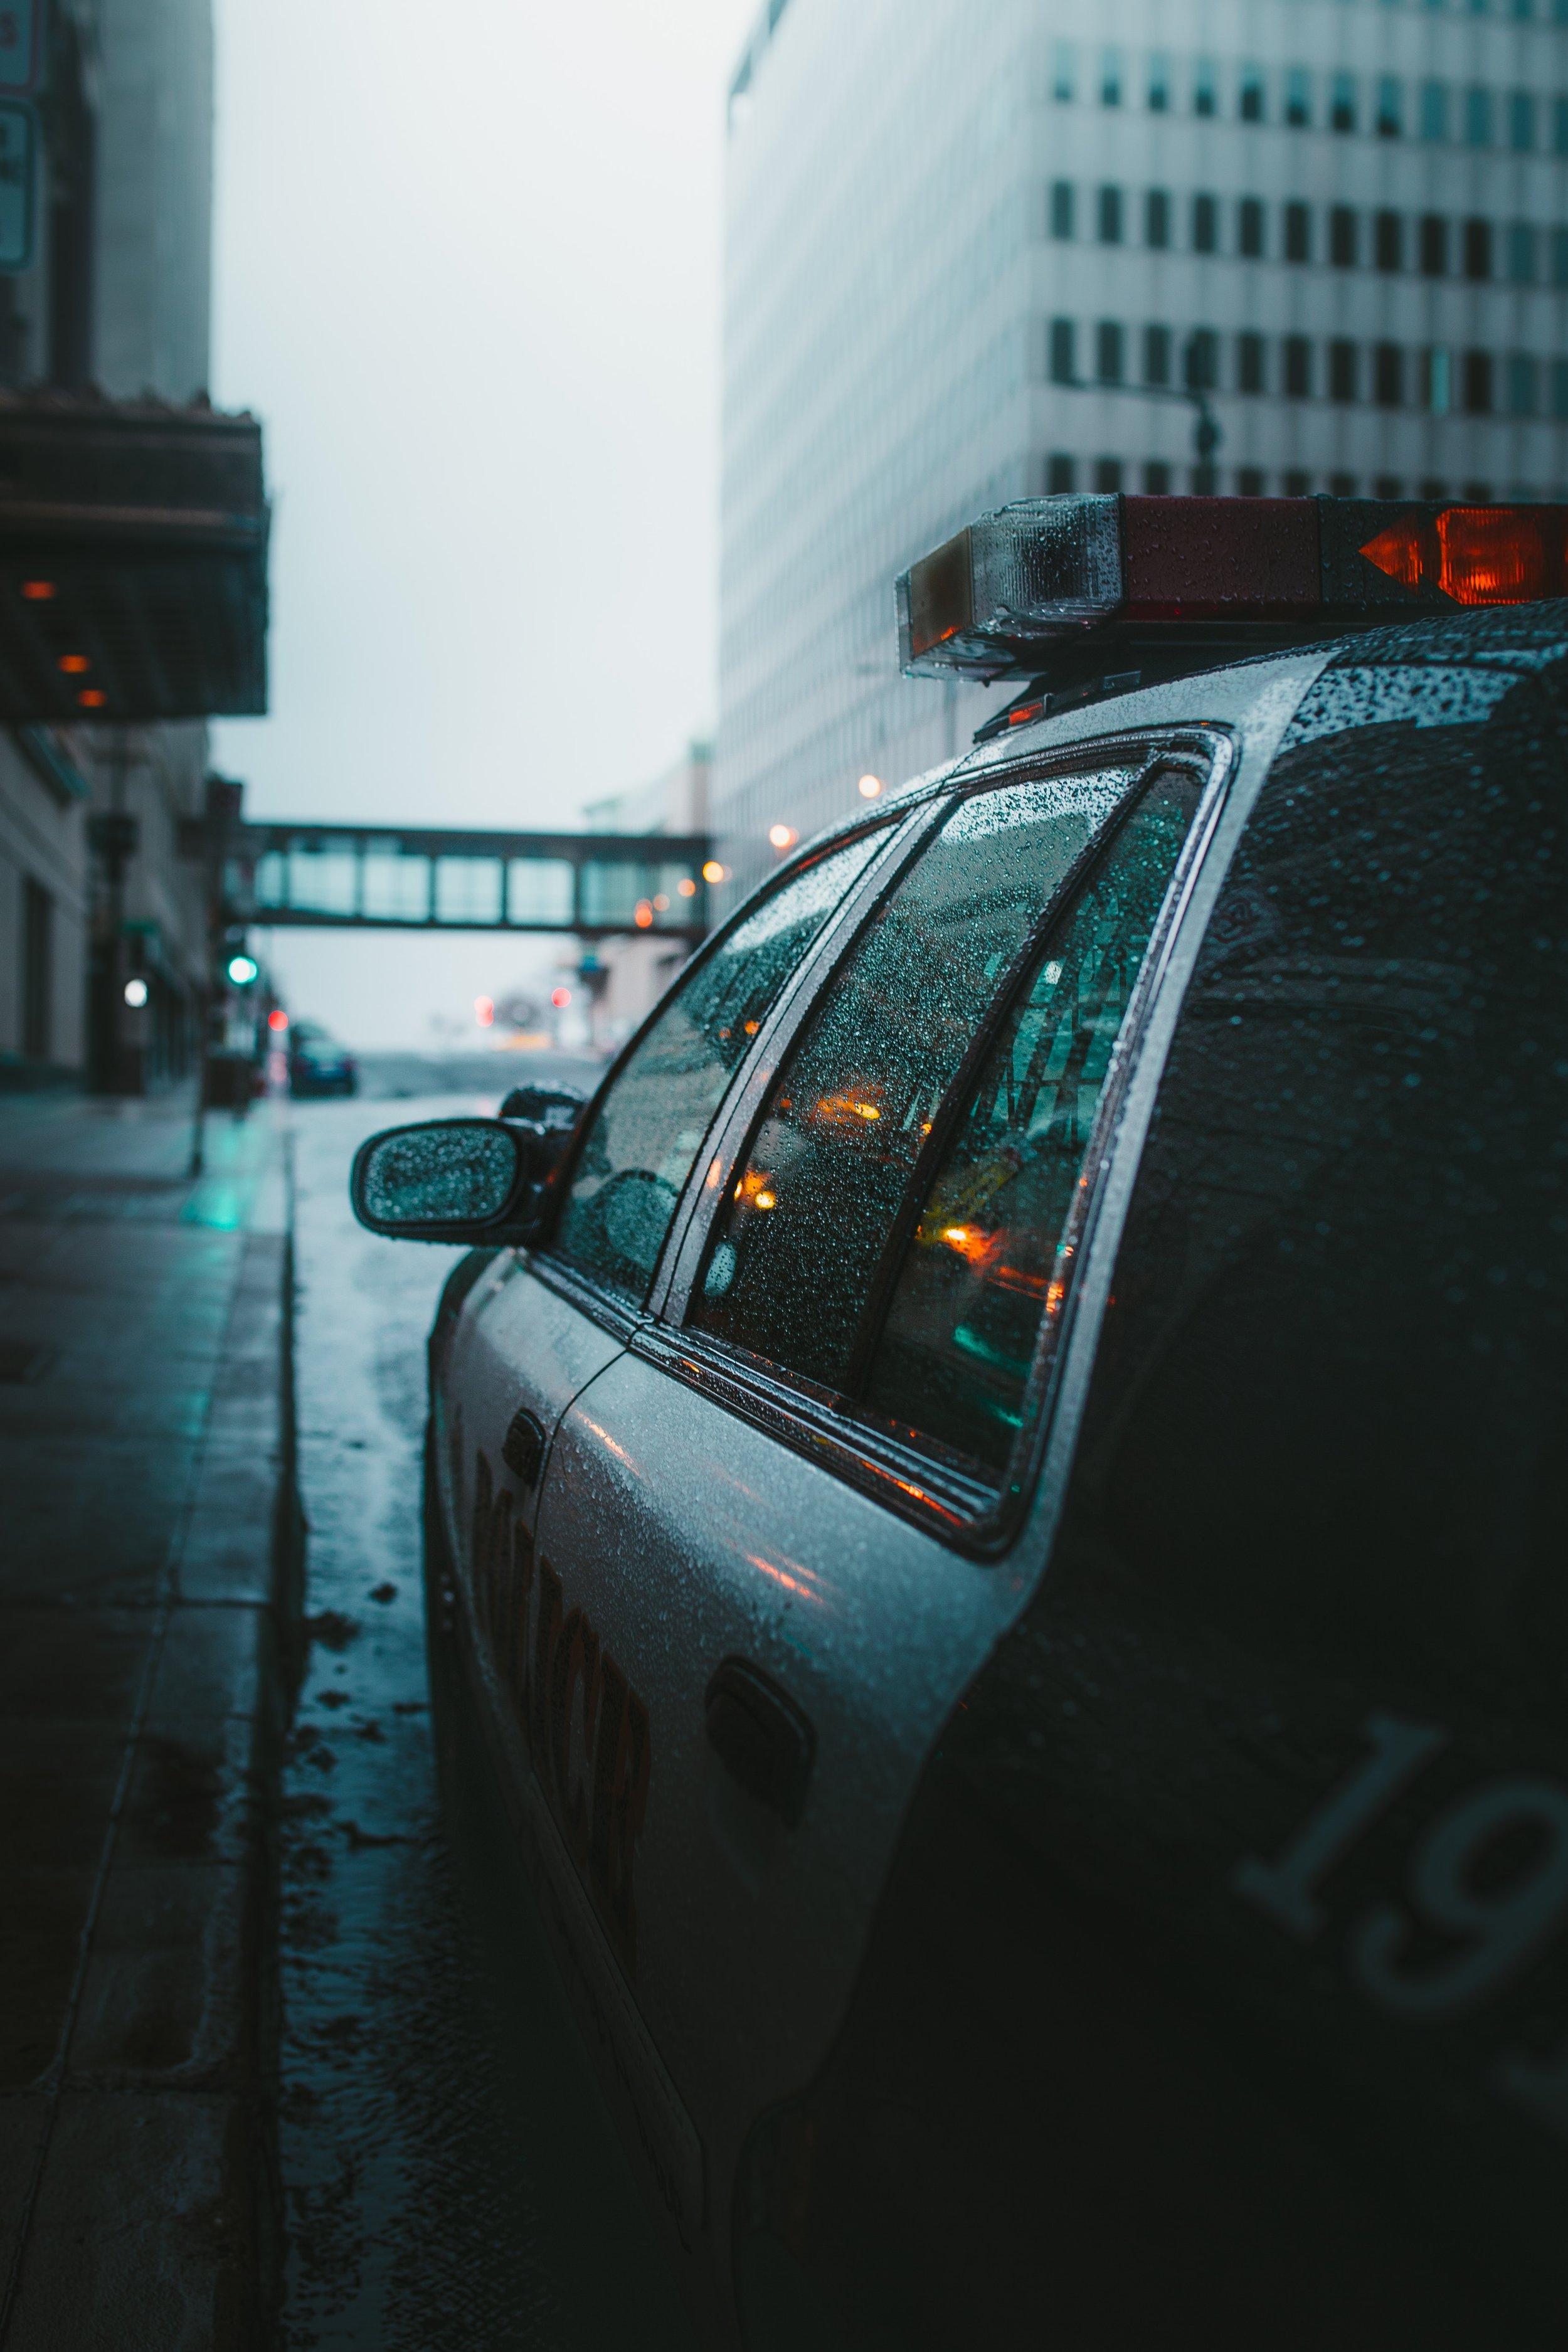 car-police-car-rain-2422269.jpg